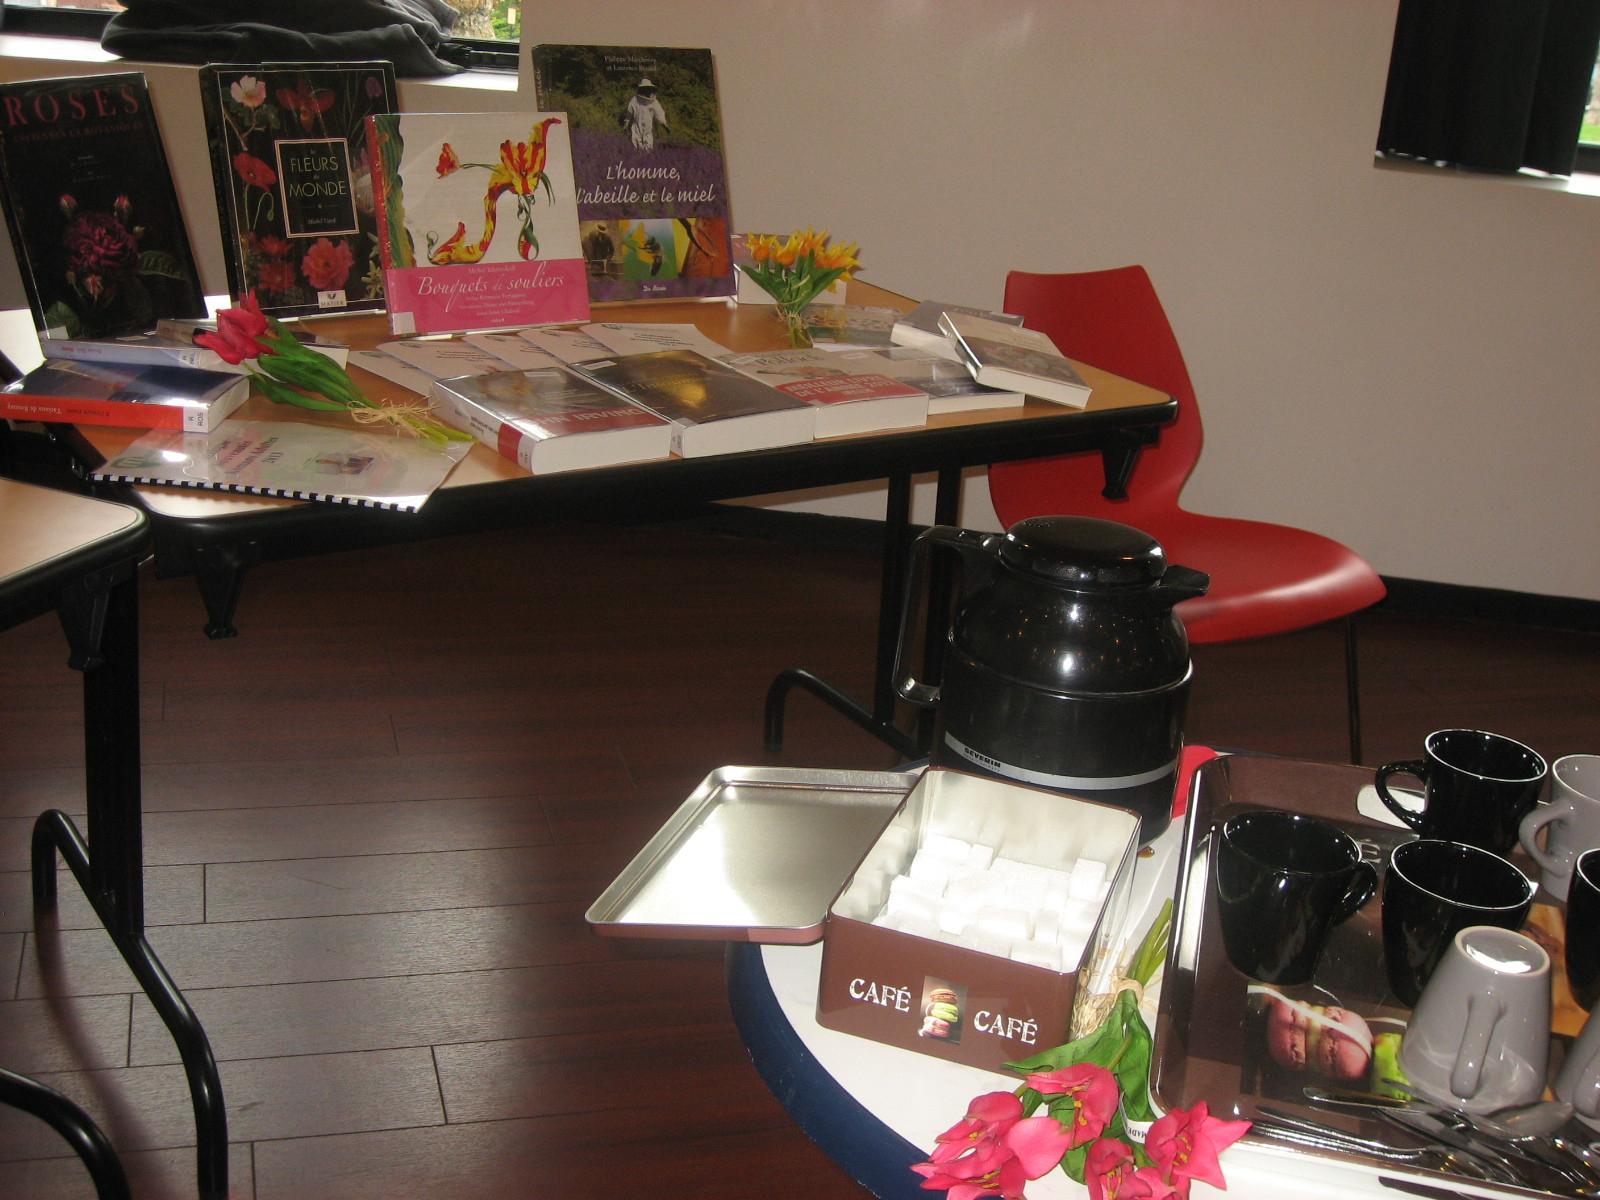 Table De Jardin Intermarche Beau Stock Intermarché Table De Jardin Pour Voguish Impressionnant De Table De